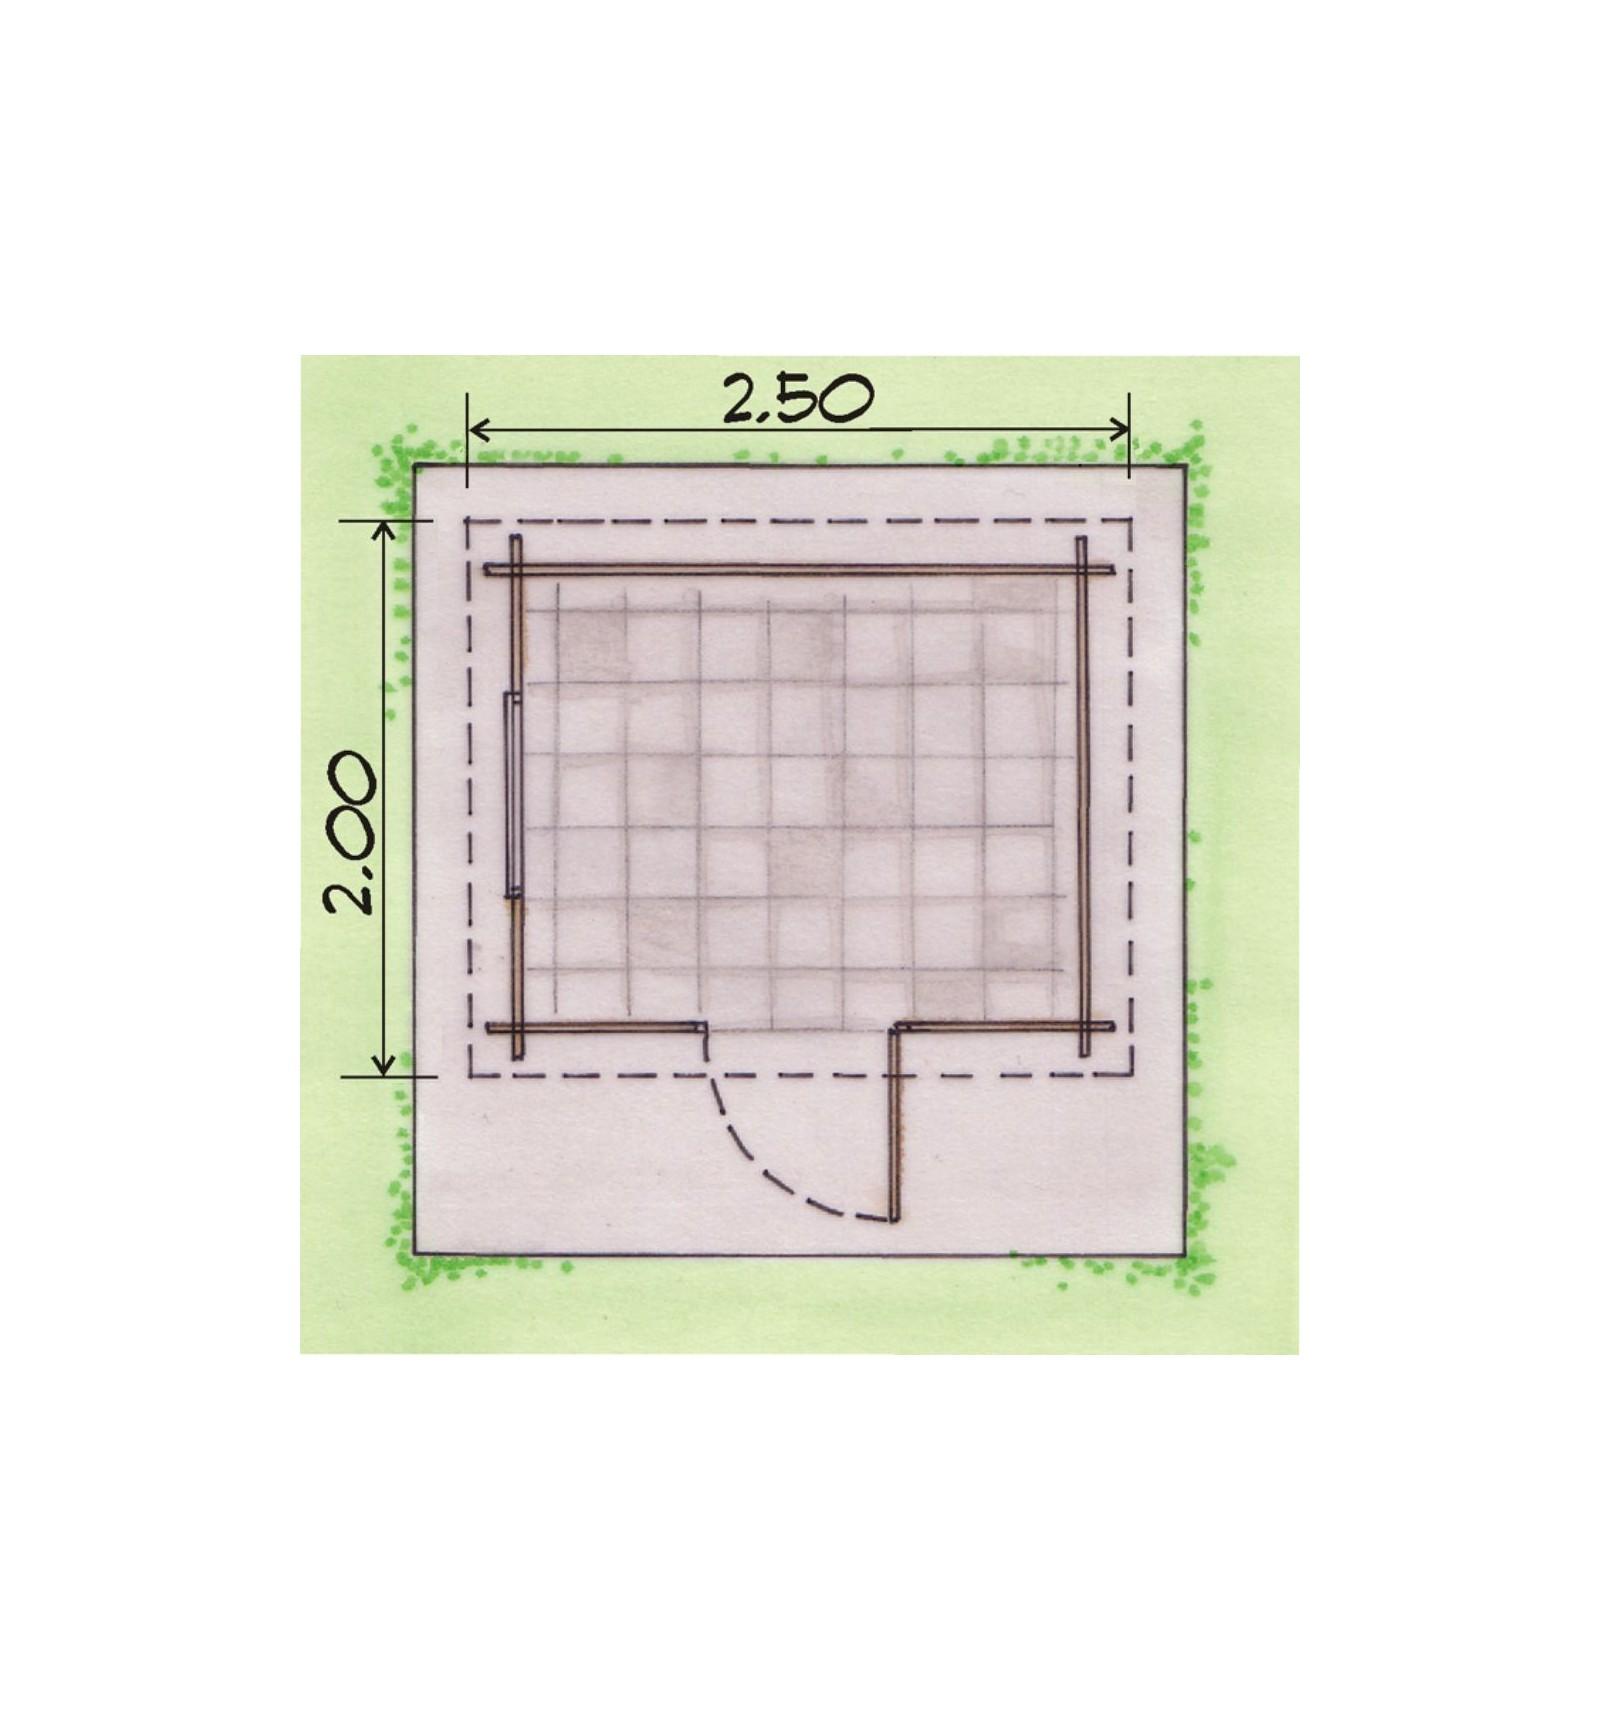 Caseta de madera de 2 50x2 00m madera garden for Ecksofa 2 50x2 00